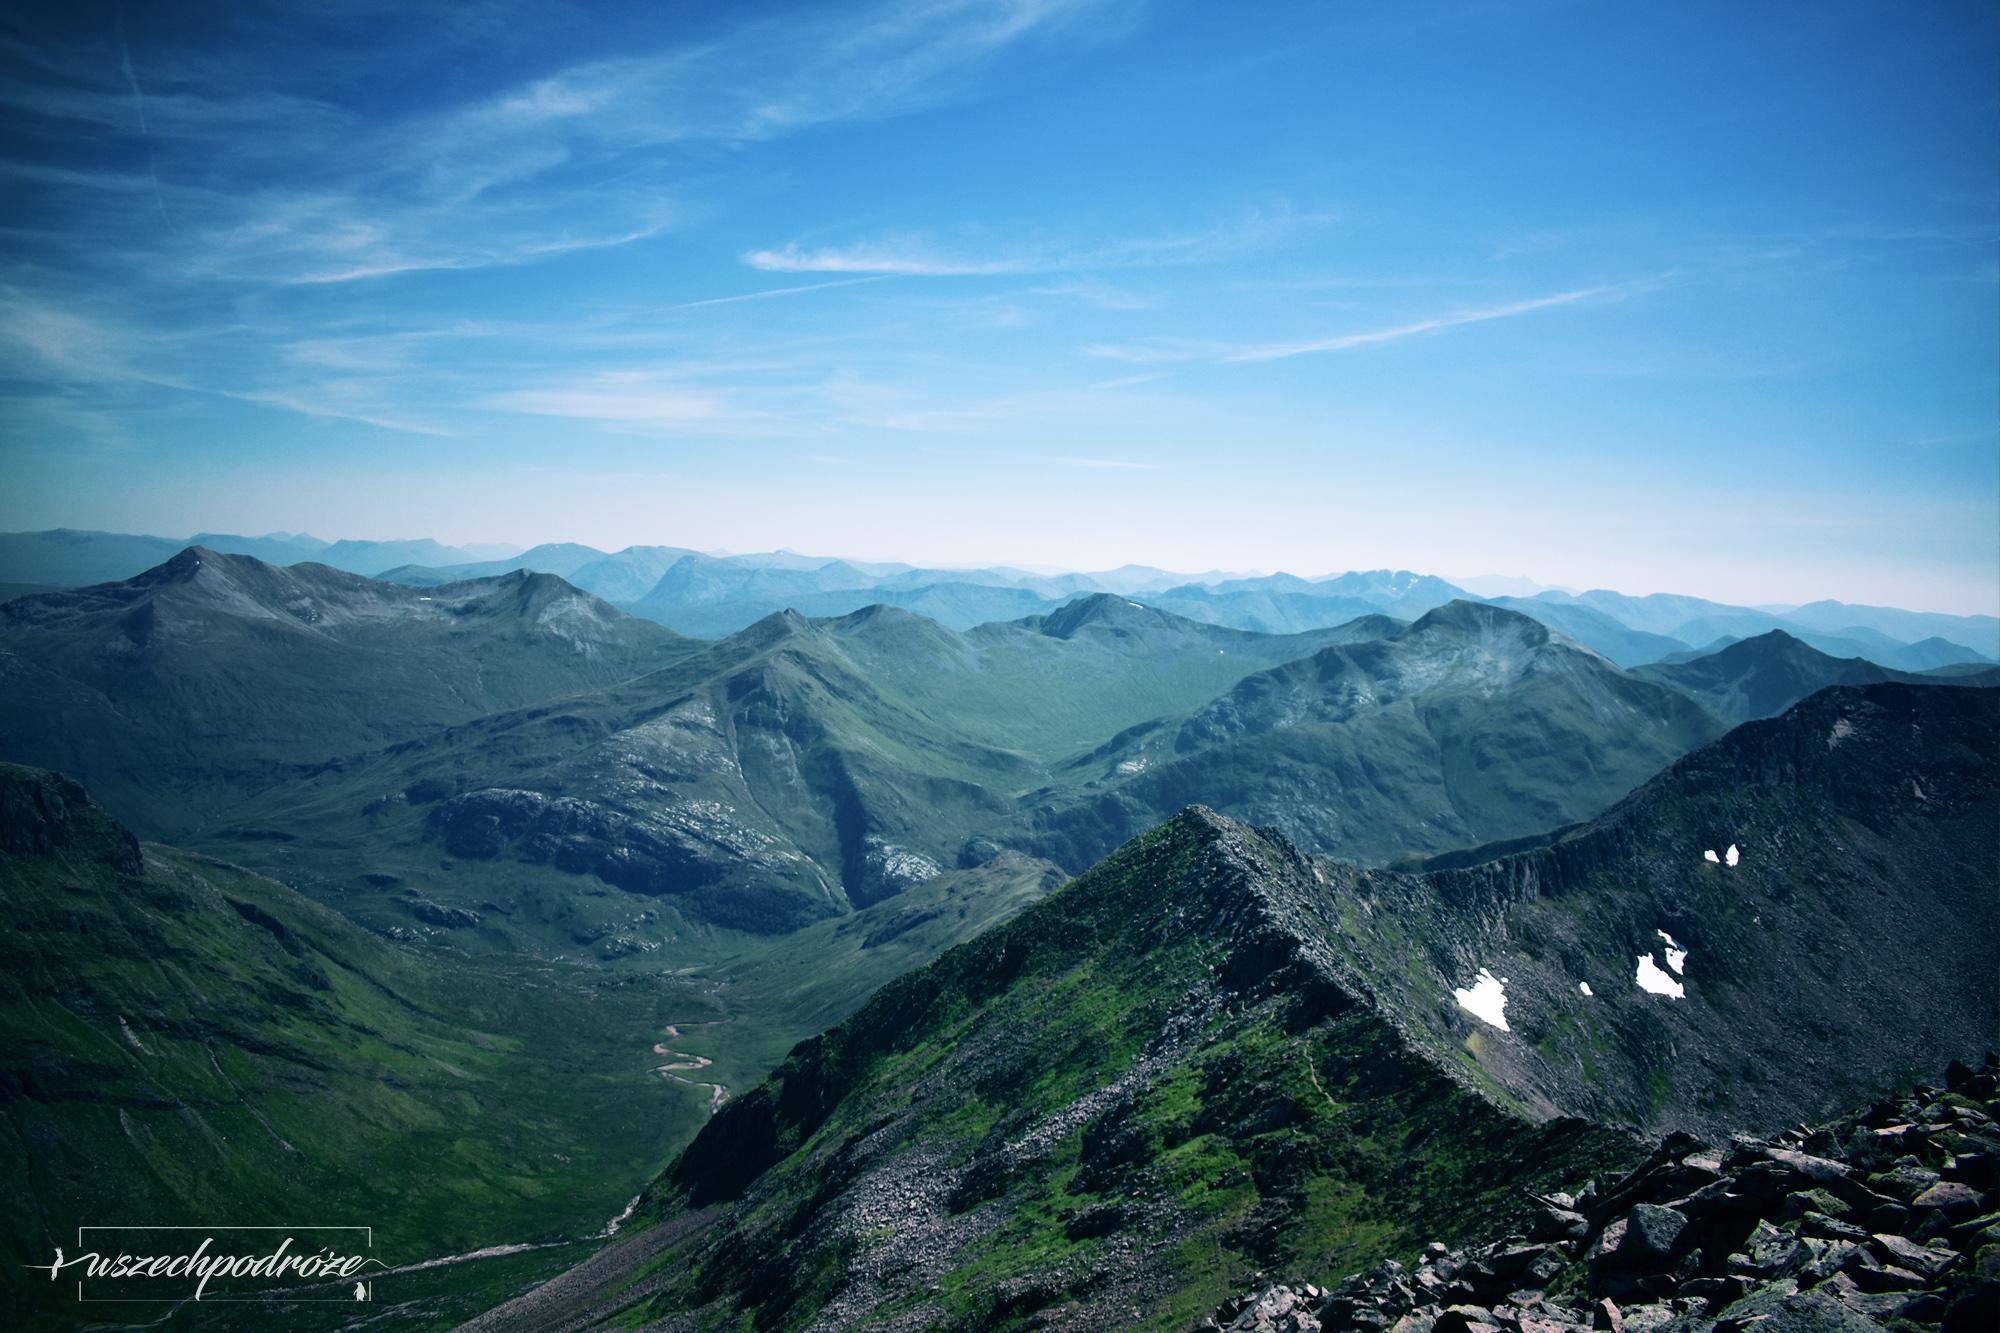 Ben Nevis alternatywna trasa widok na szczyty